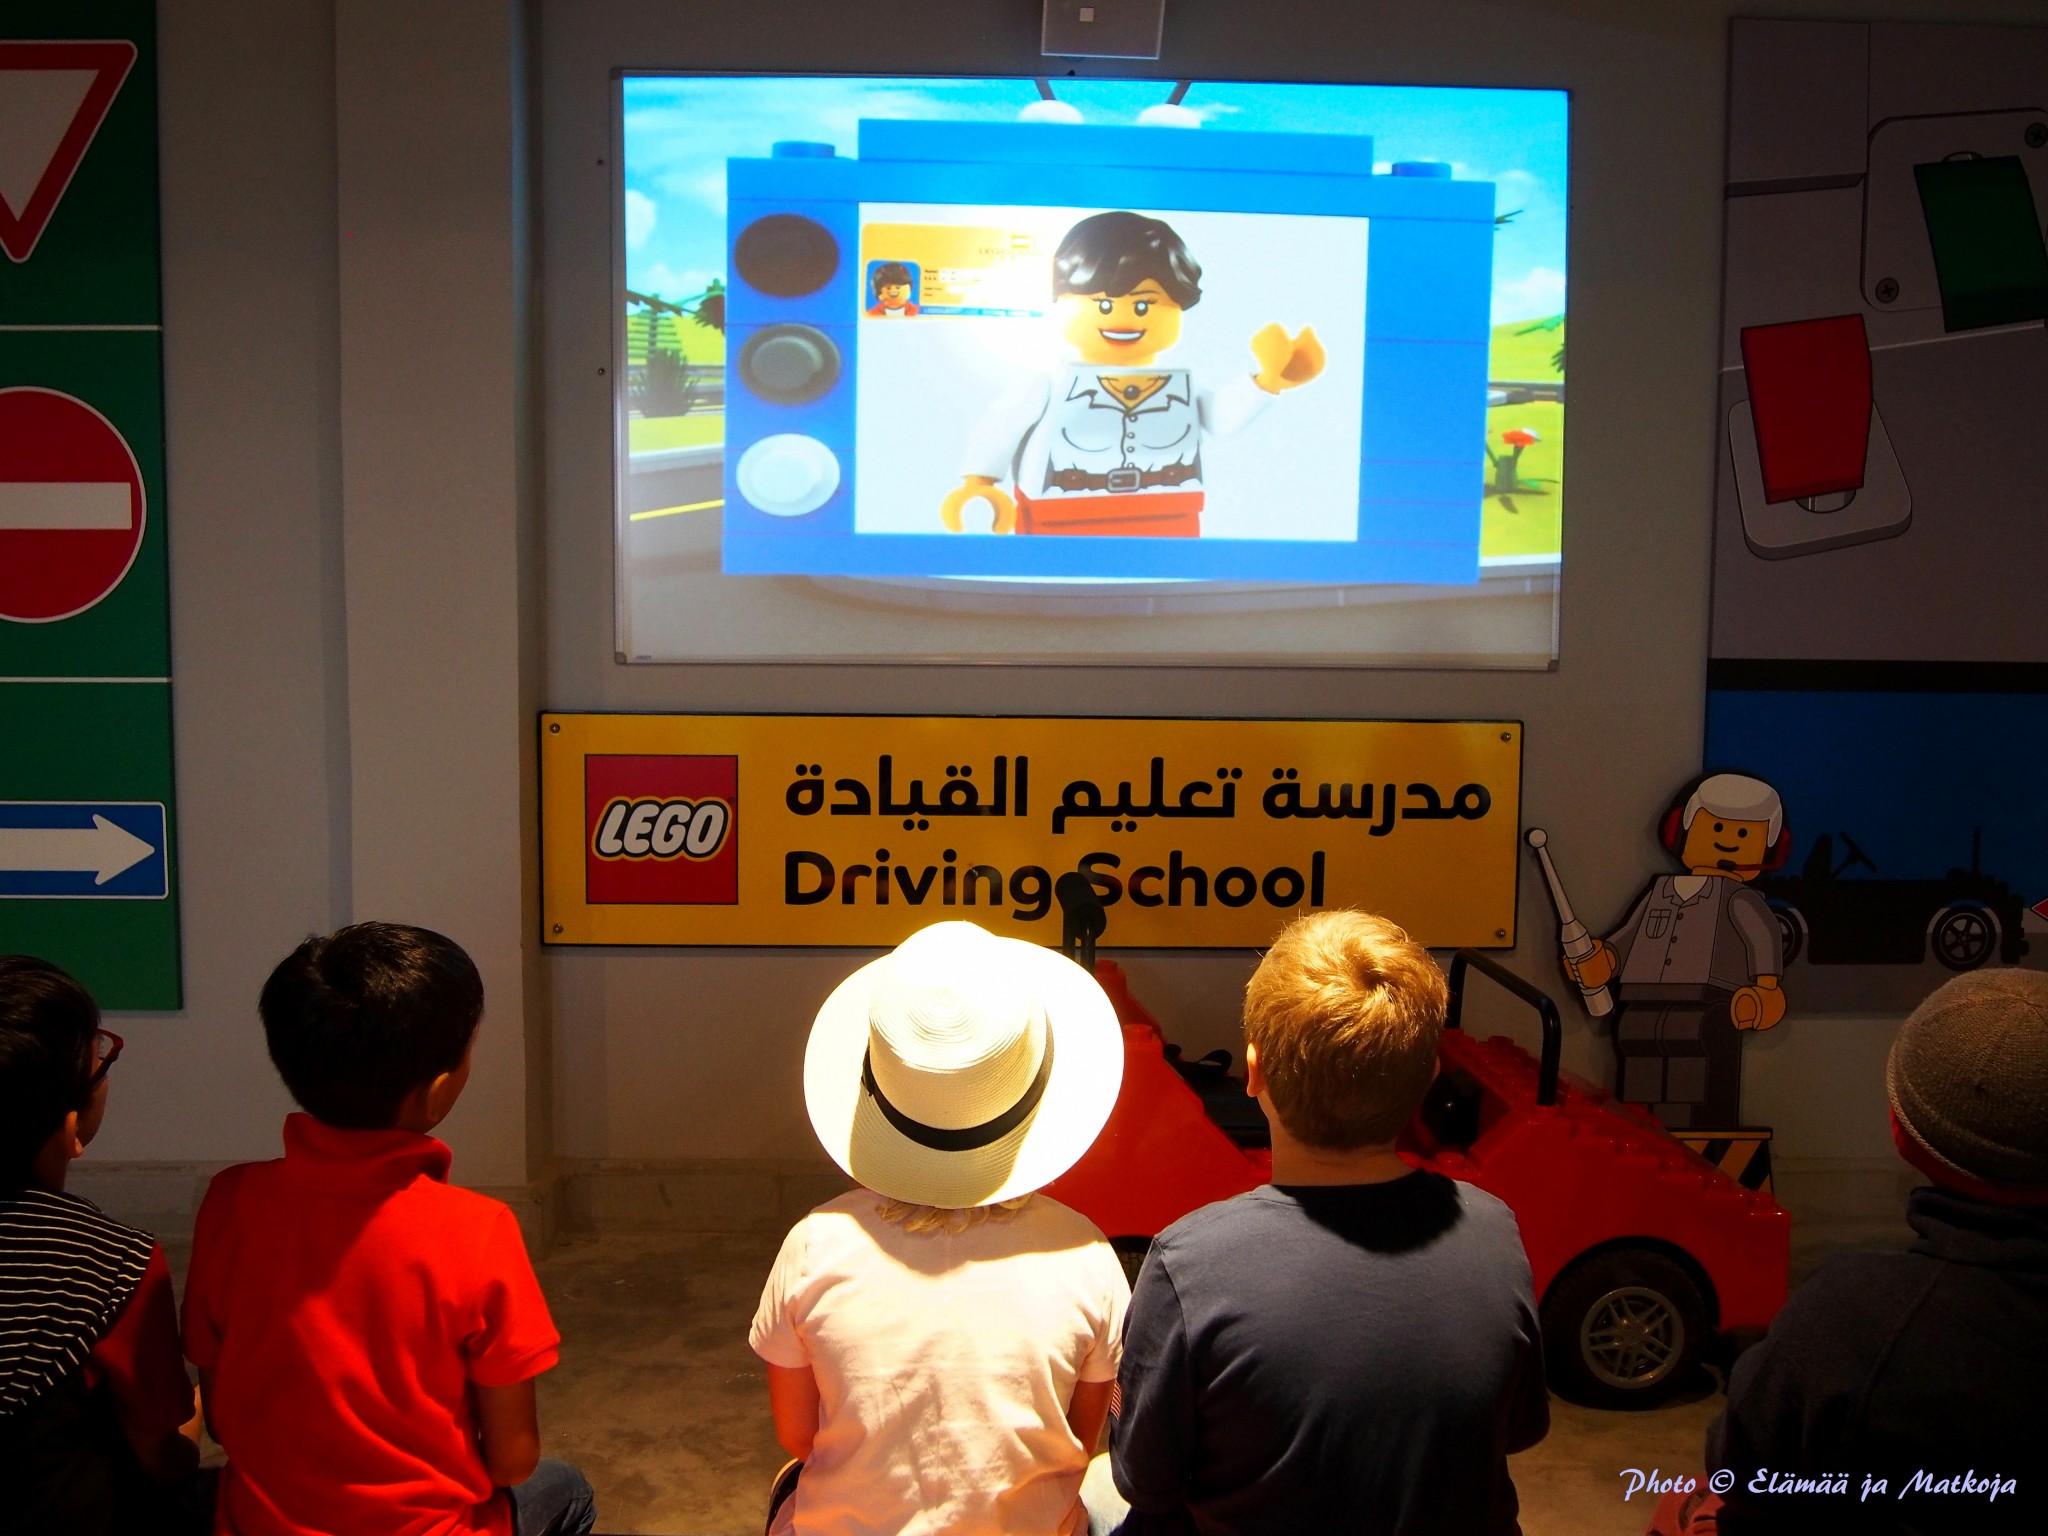 Legoland Dubai Driving School Photo © Elämää ja Matkoja